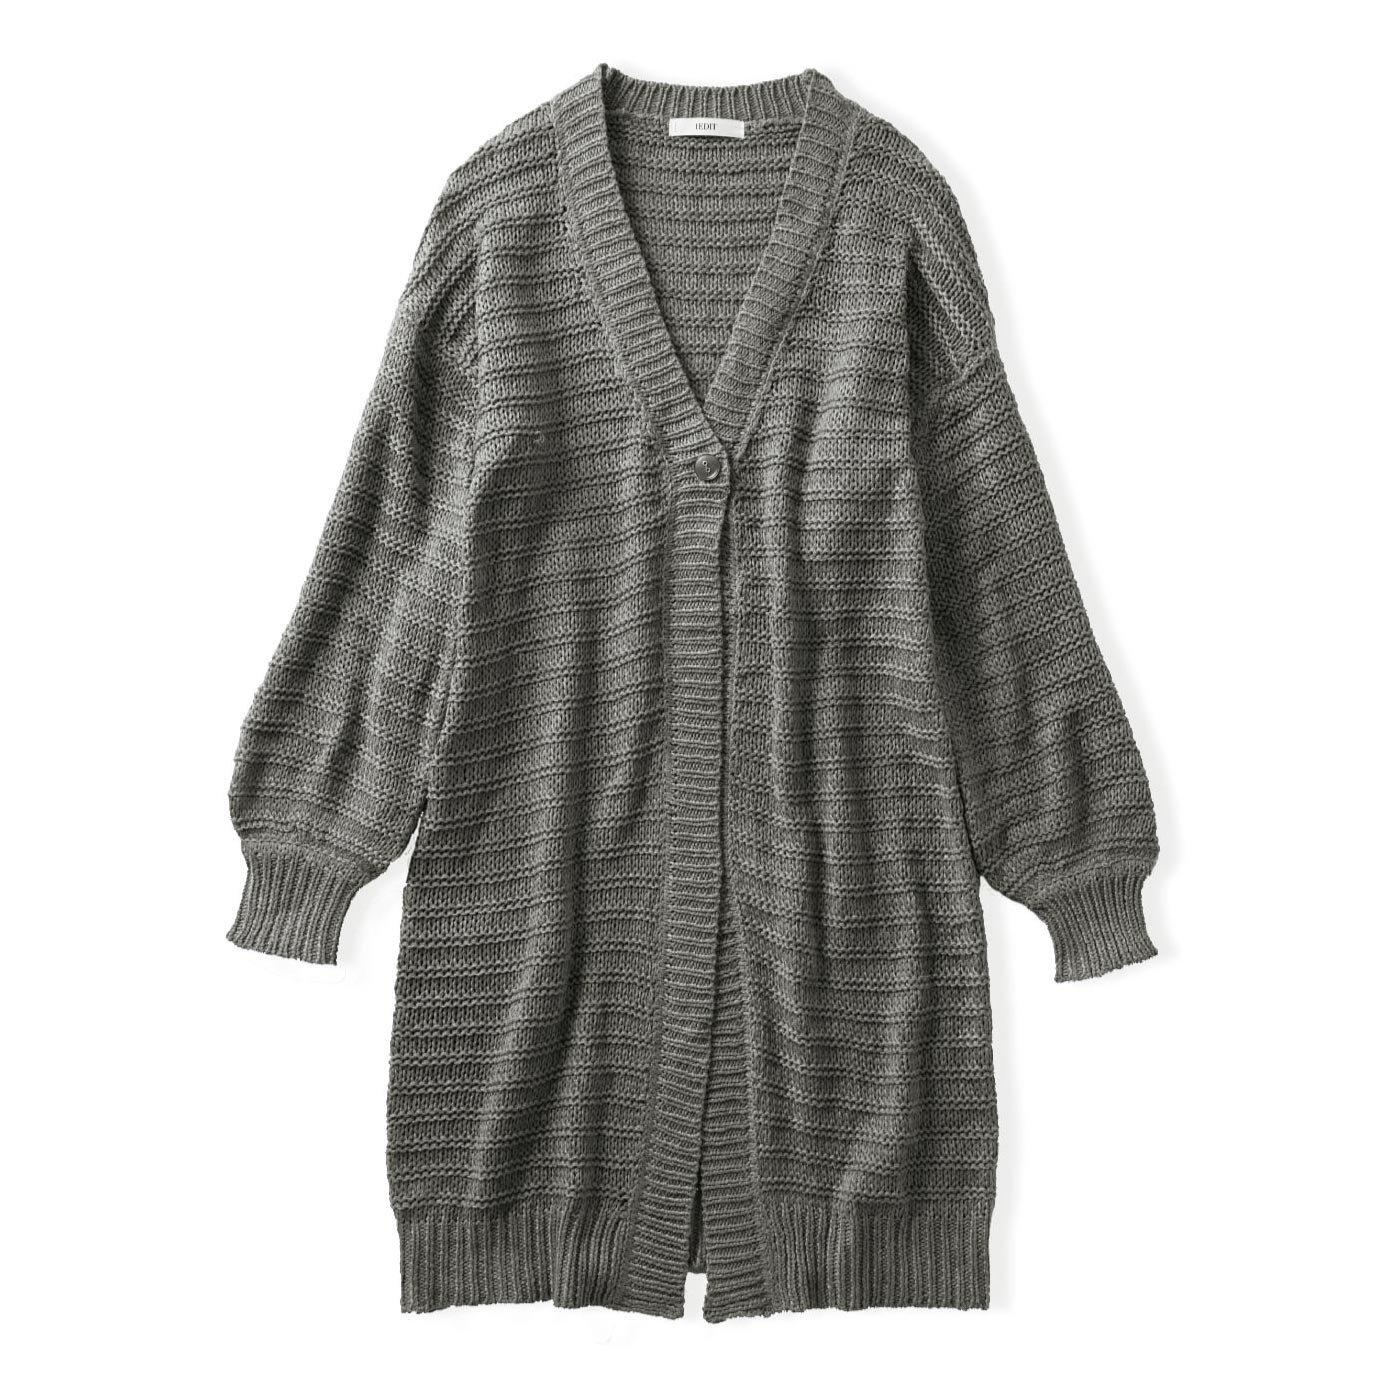 IEDIT[イディット] リリヤーン糸のガーター編みでメリハリが効いた ざっくりロングニットカーディガン〈グレー〉